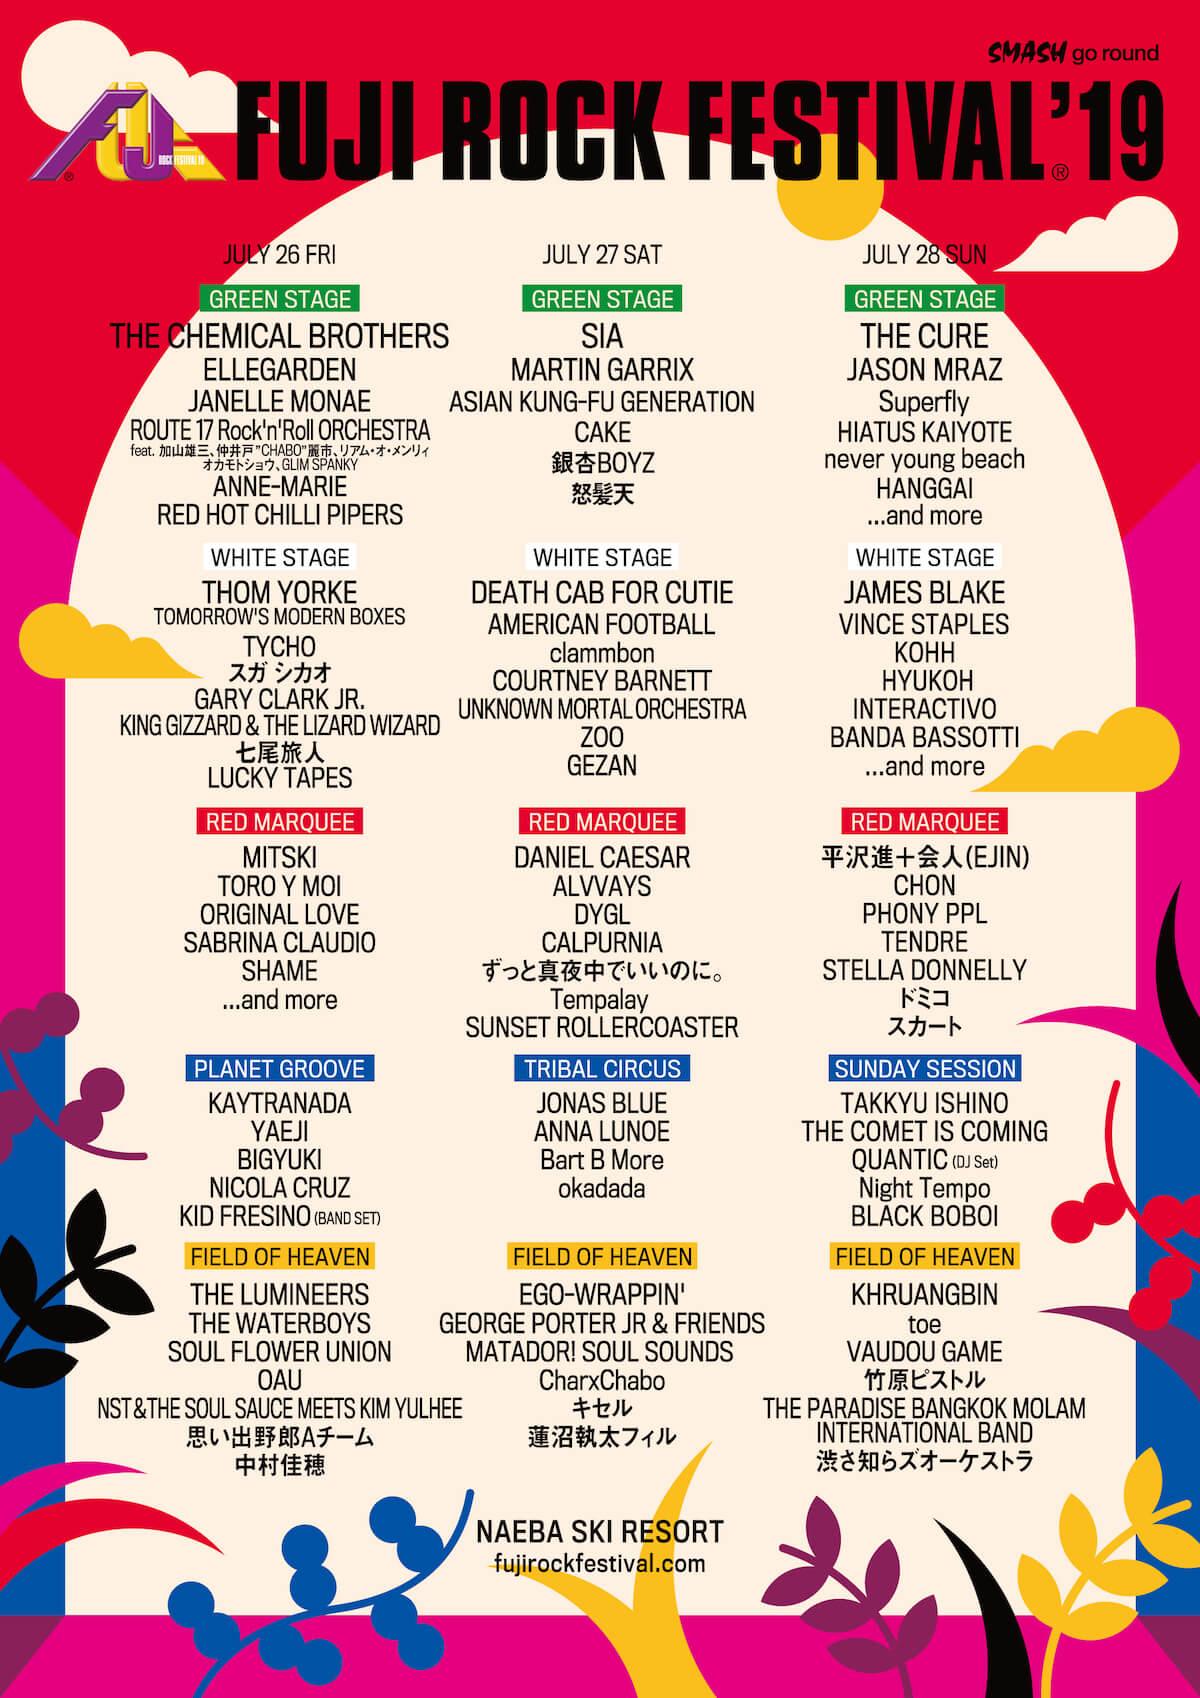 <フジロック2019>にハイエイタス・カイヨーテ、QUANTIC、Black Boboiら128組が追加!ステージ割りも発表 music190531_fujirockfestival_2